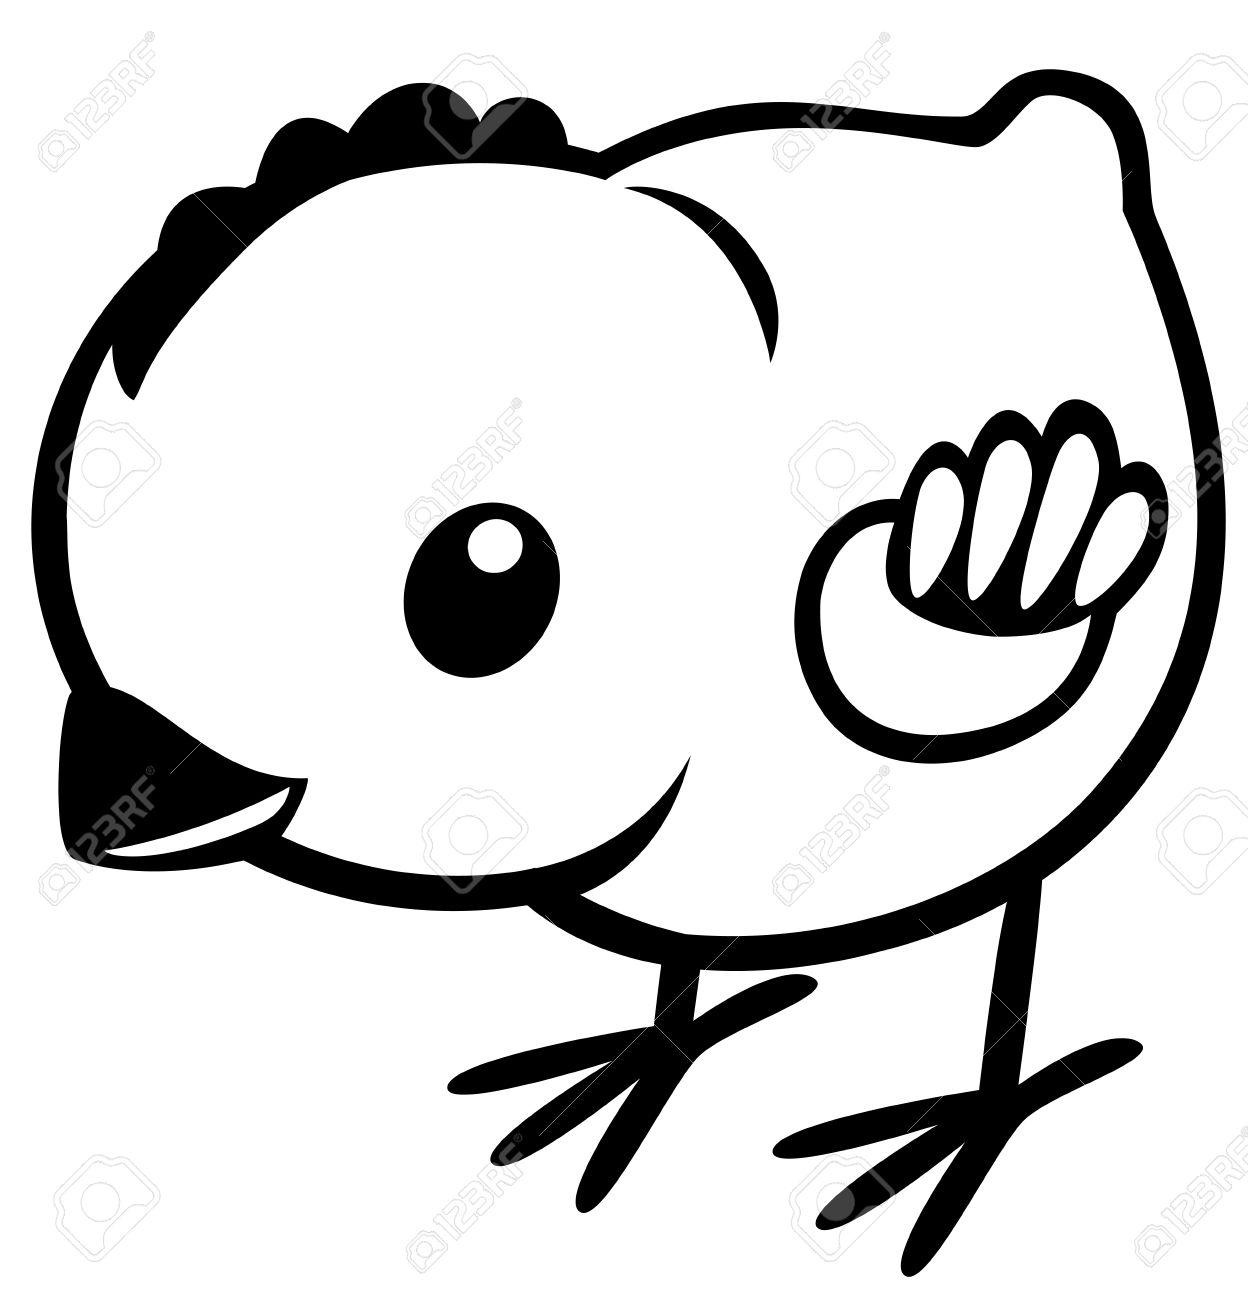 Pollo De Dibujos Animados Imagen En Blanco Y Negro Para Los Niños